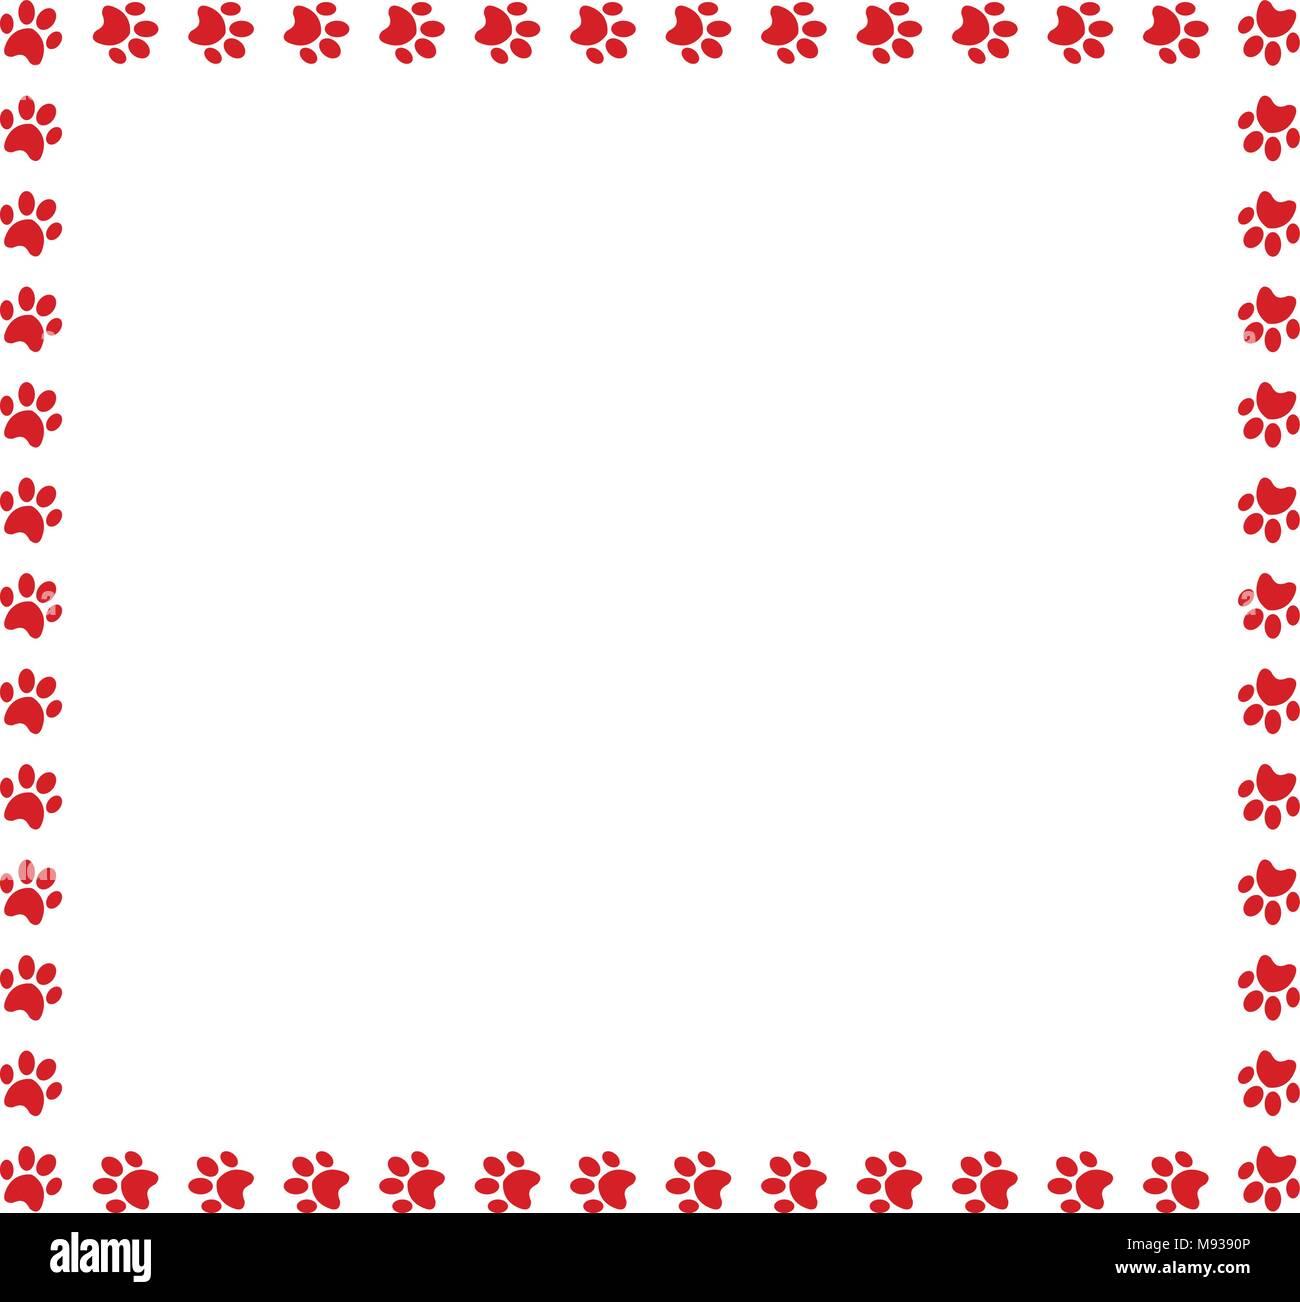 Bastidor Cuadrado de huellas animales rojos sobre fondo blanco ...